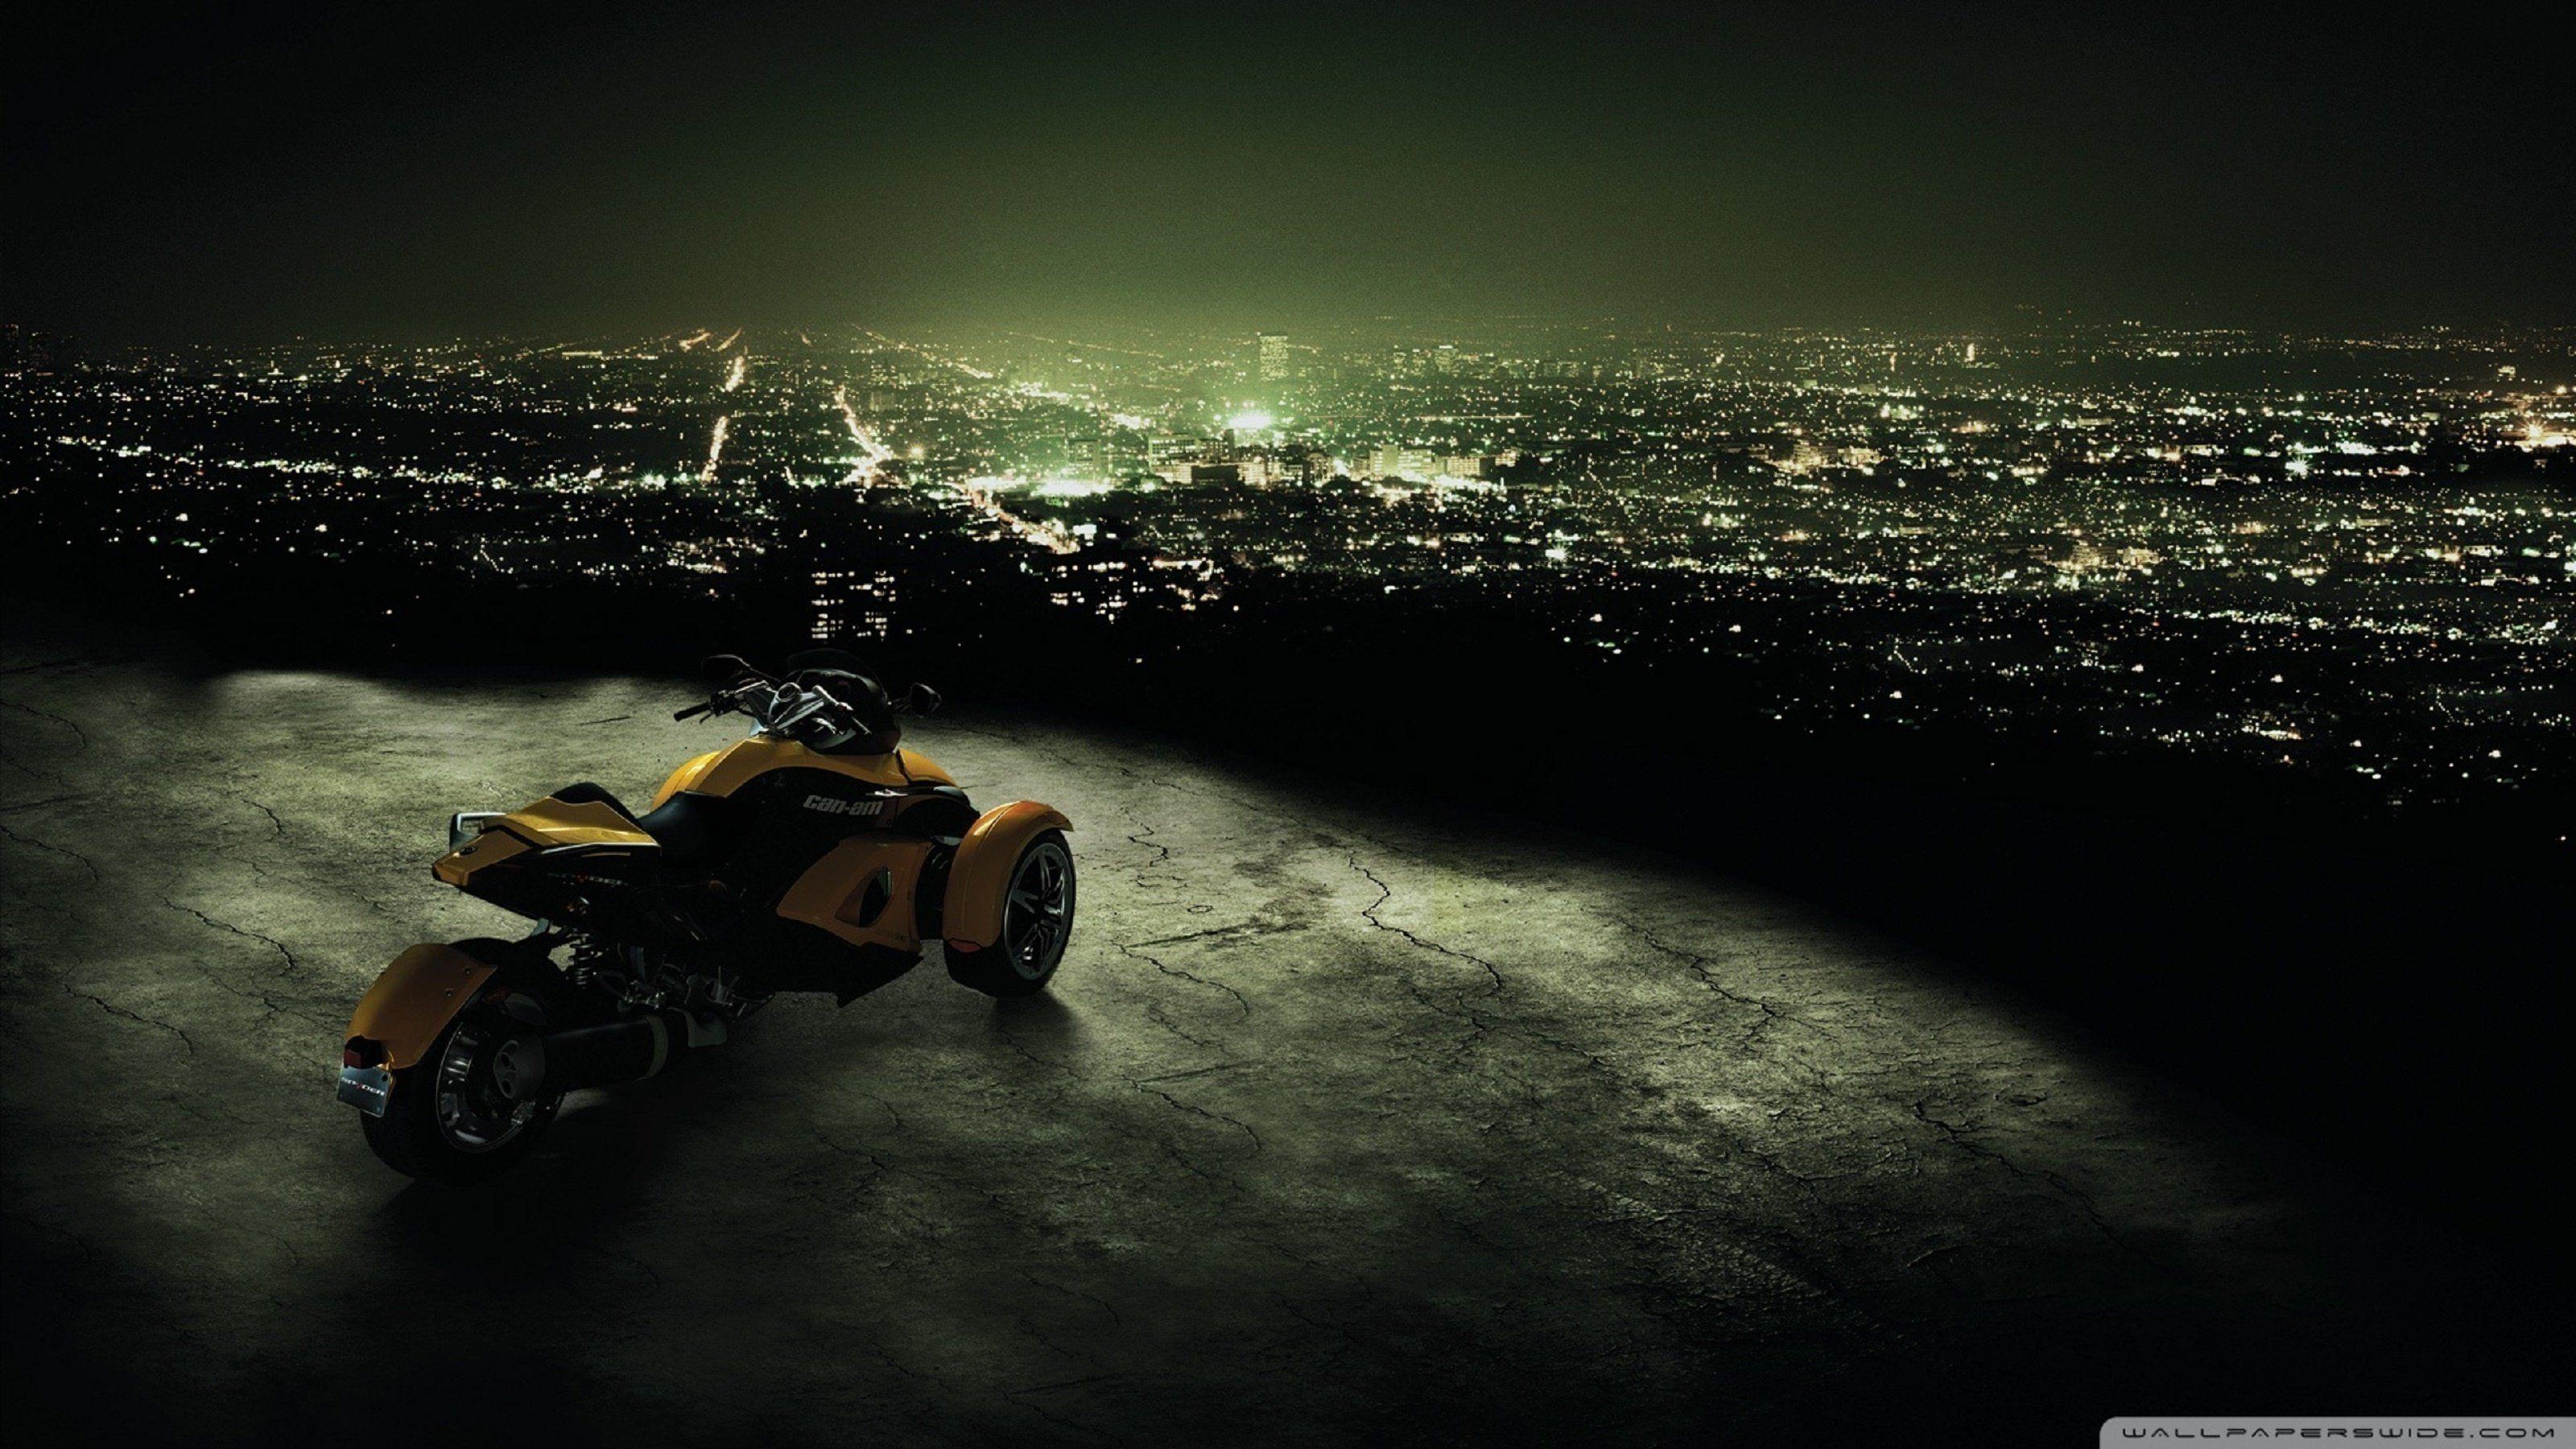 мотоцикл ночь город  № 1584585 загрузить